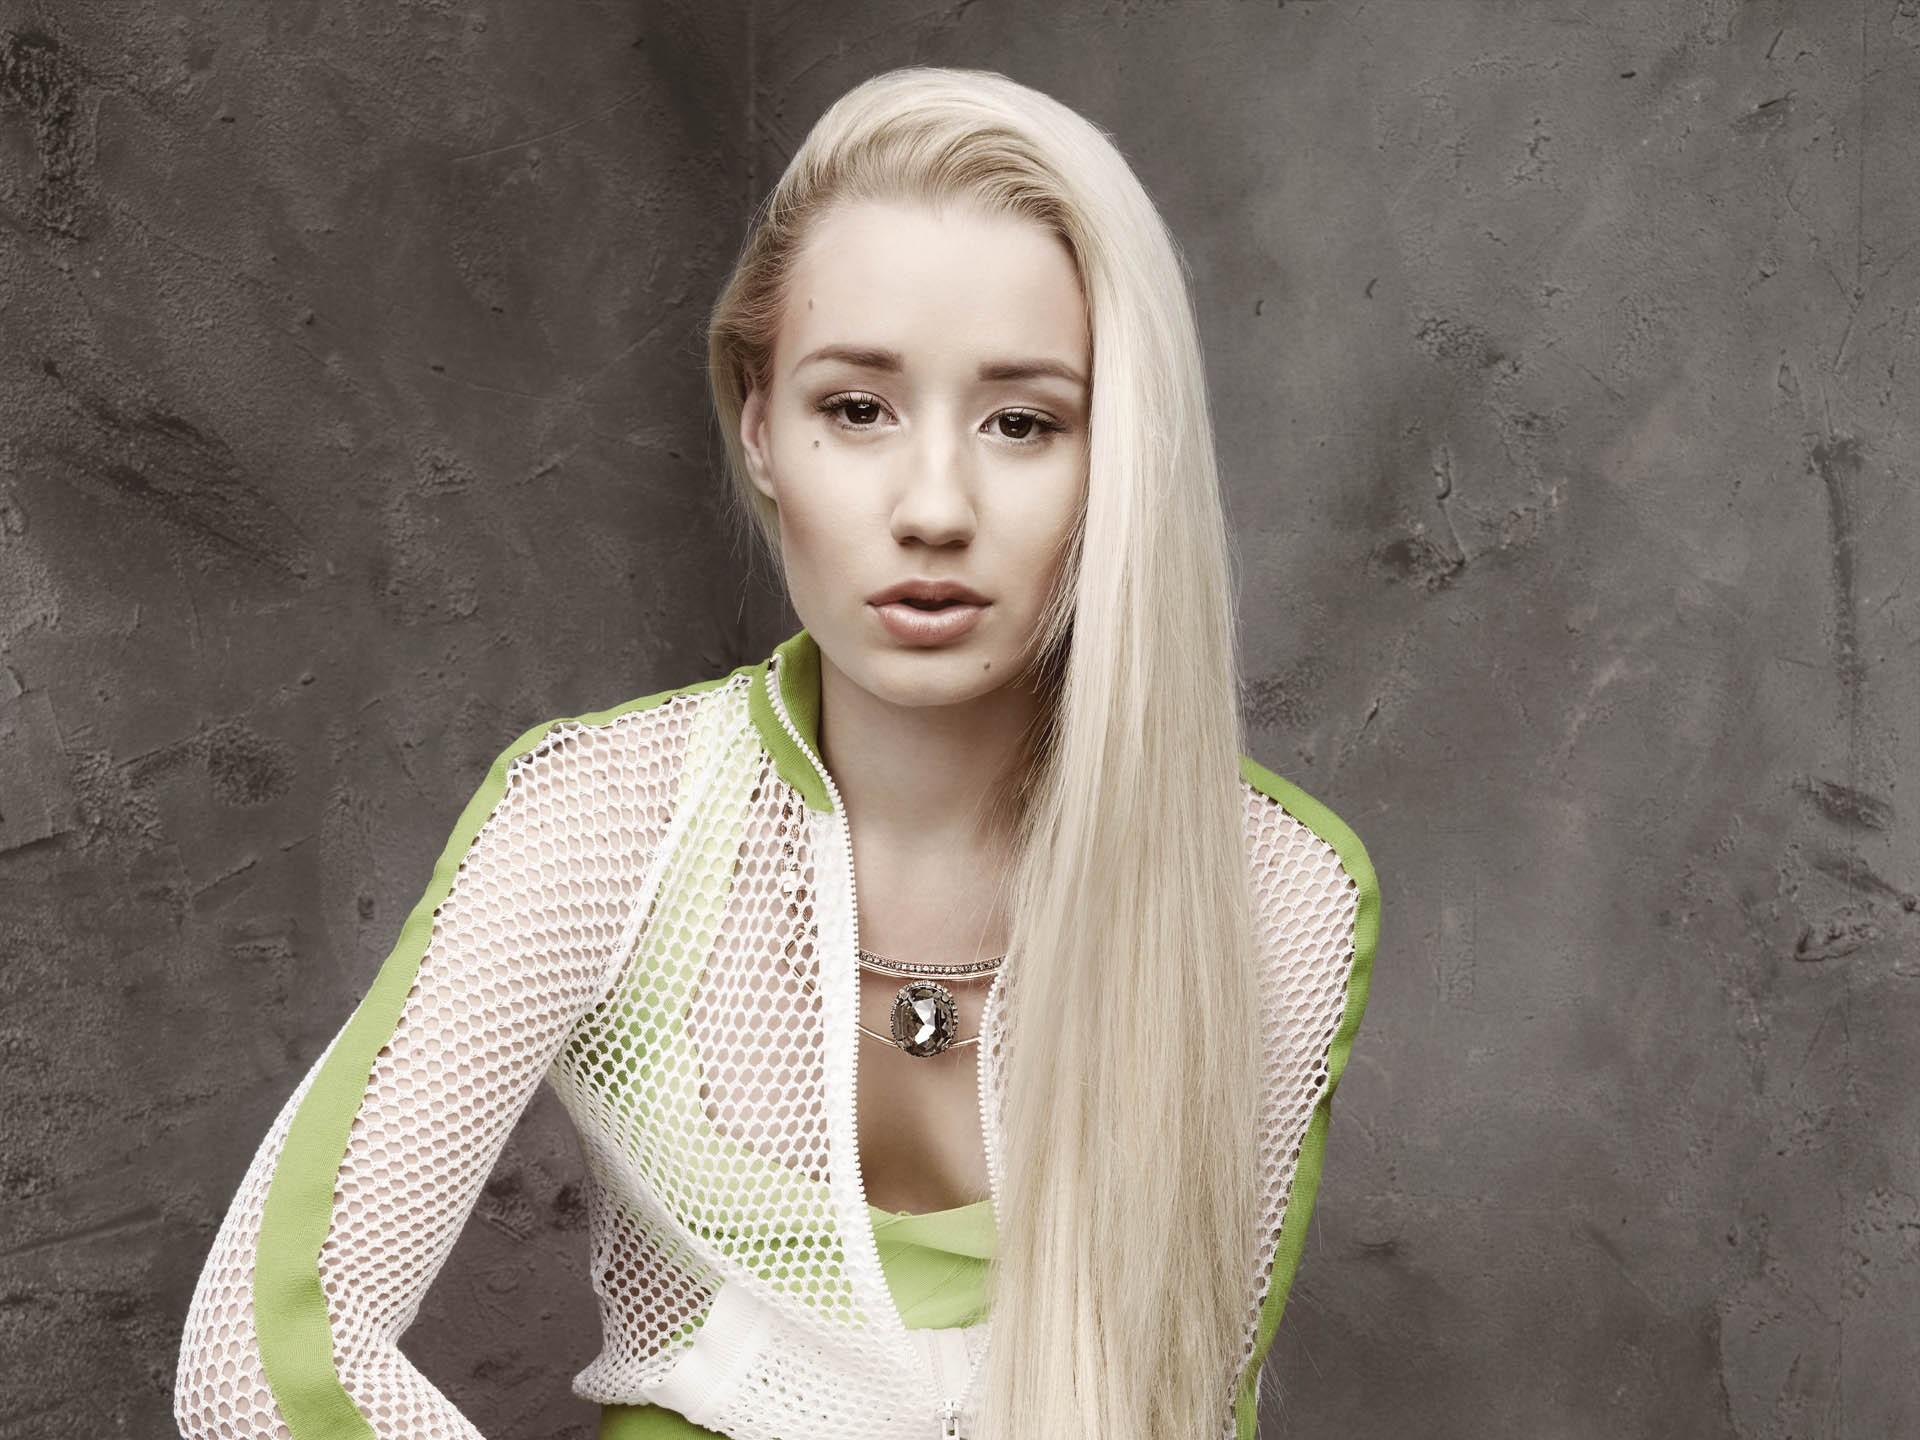 0c1b02d892c бял модел портрет дълга коса фотография рокля хип хоп зелен мода коса рап  пролет човек кожа